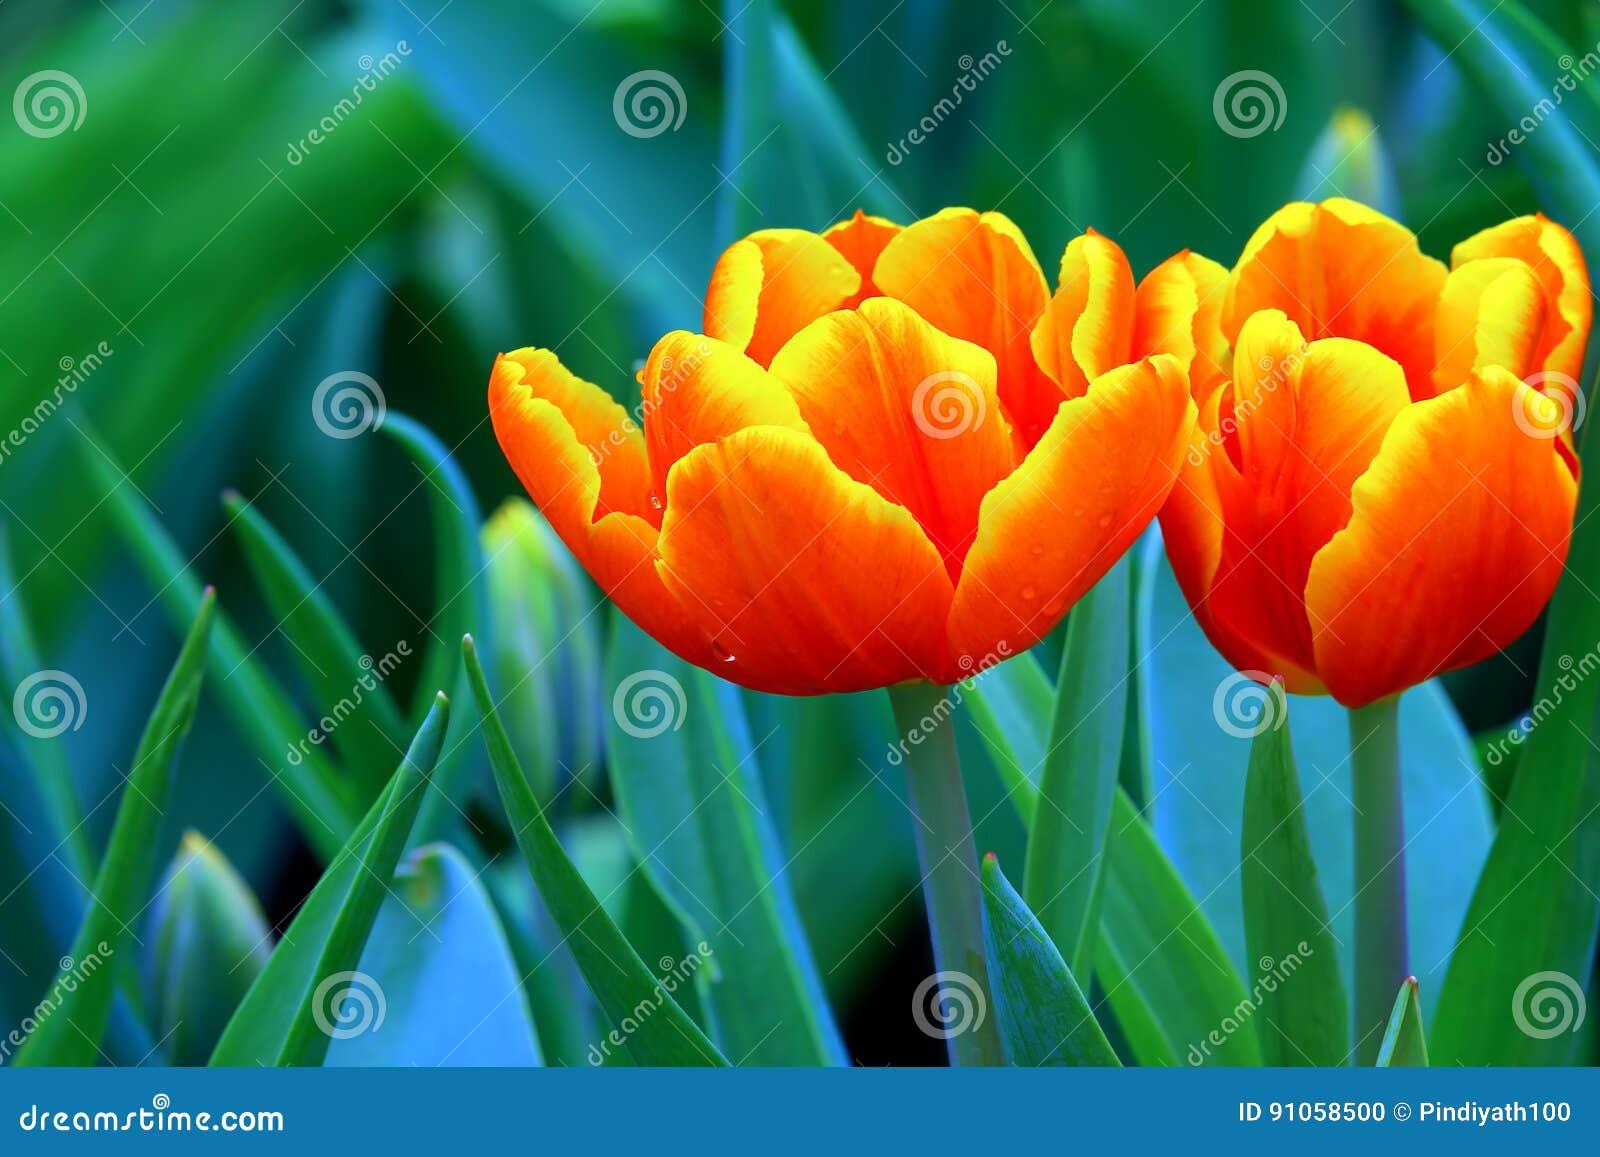 Tulipes oranges inclinées par jaune vibrant